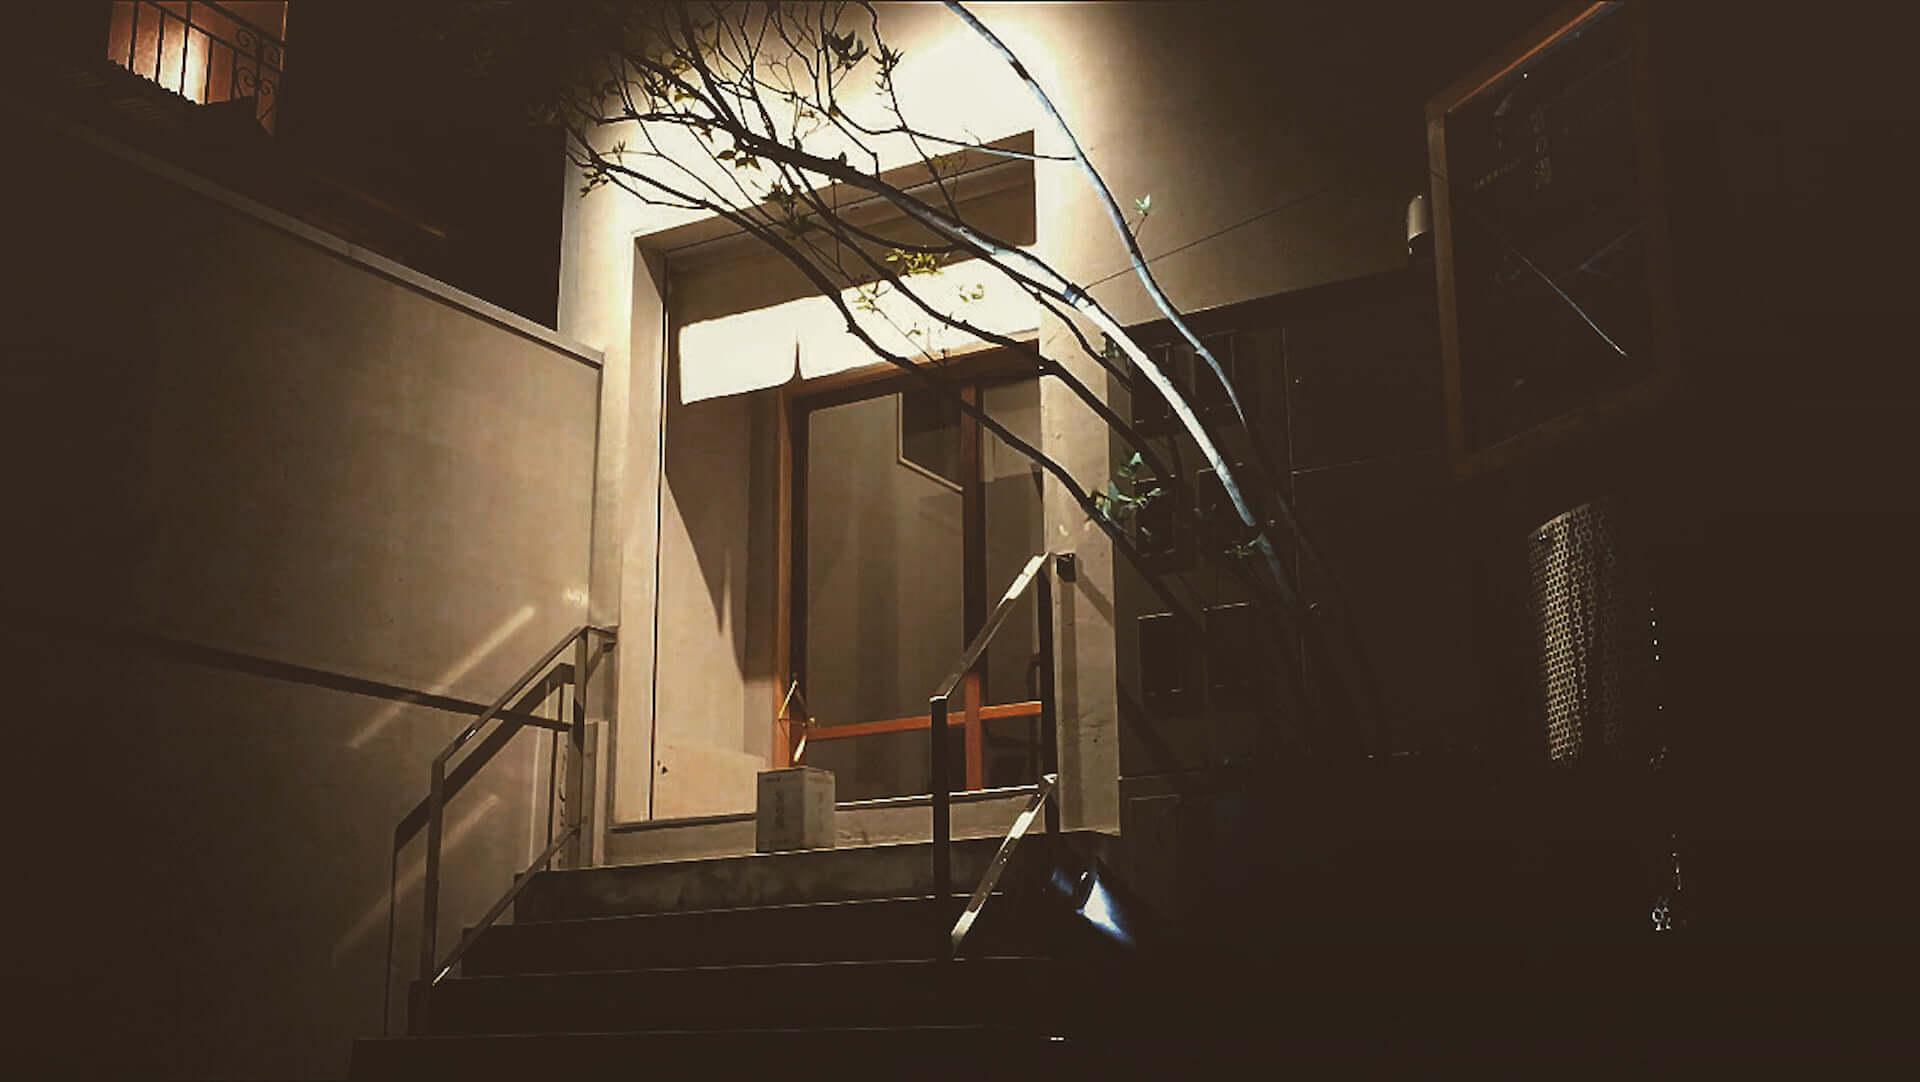 銭湯を改装した異空間!アートとカフェが一体となった「芸術銭湯+Café 宮の湯」が根津にオープン art200602_cafe_miyanoyu_4-1920x1082